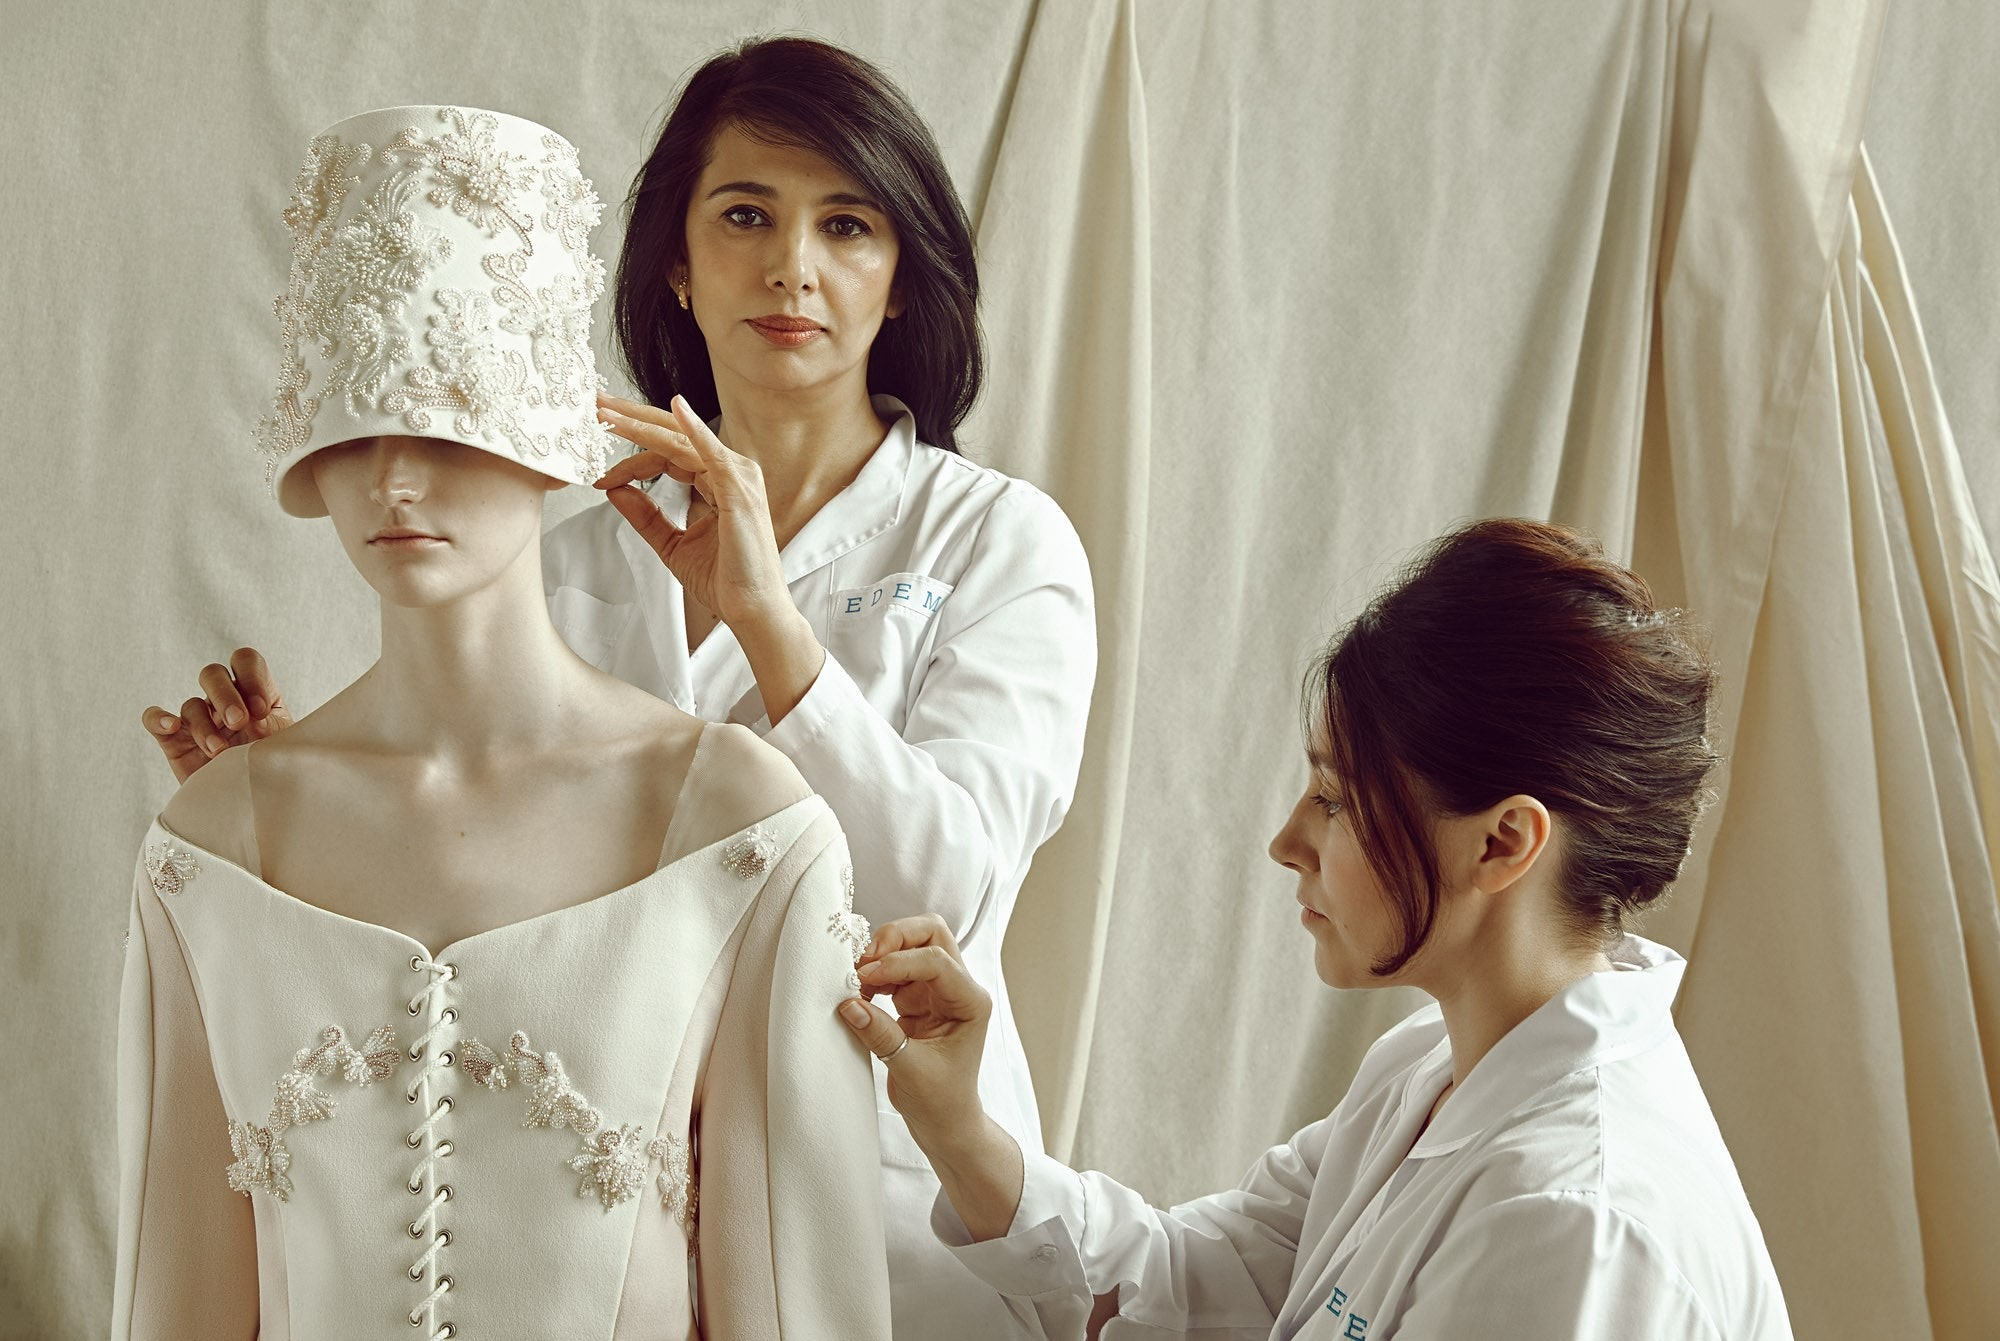 Русские бренды: рукодельное искусство в новых коллекциях Ulyana Sergeenko, Yanina и Edem